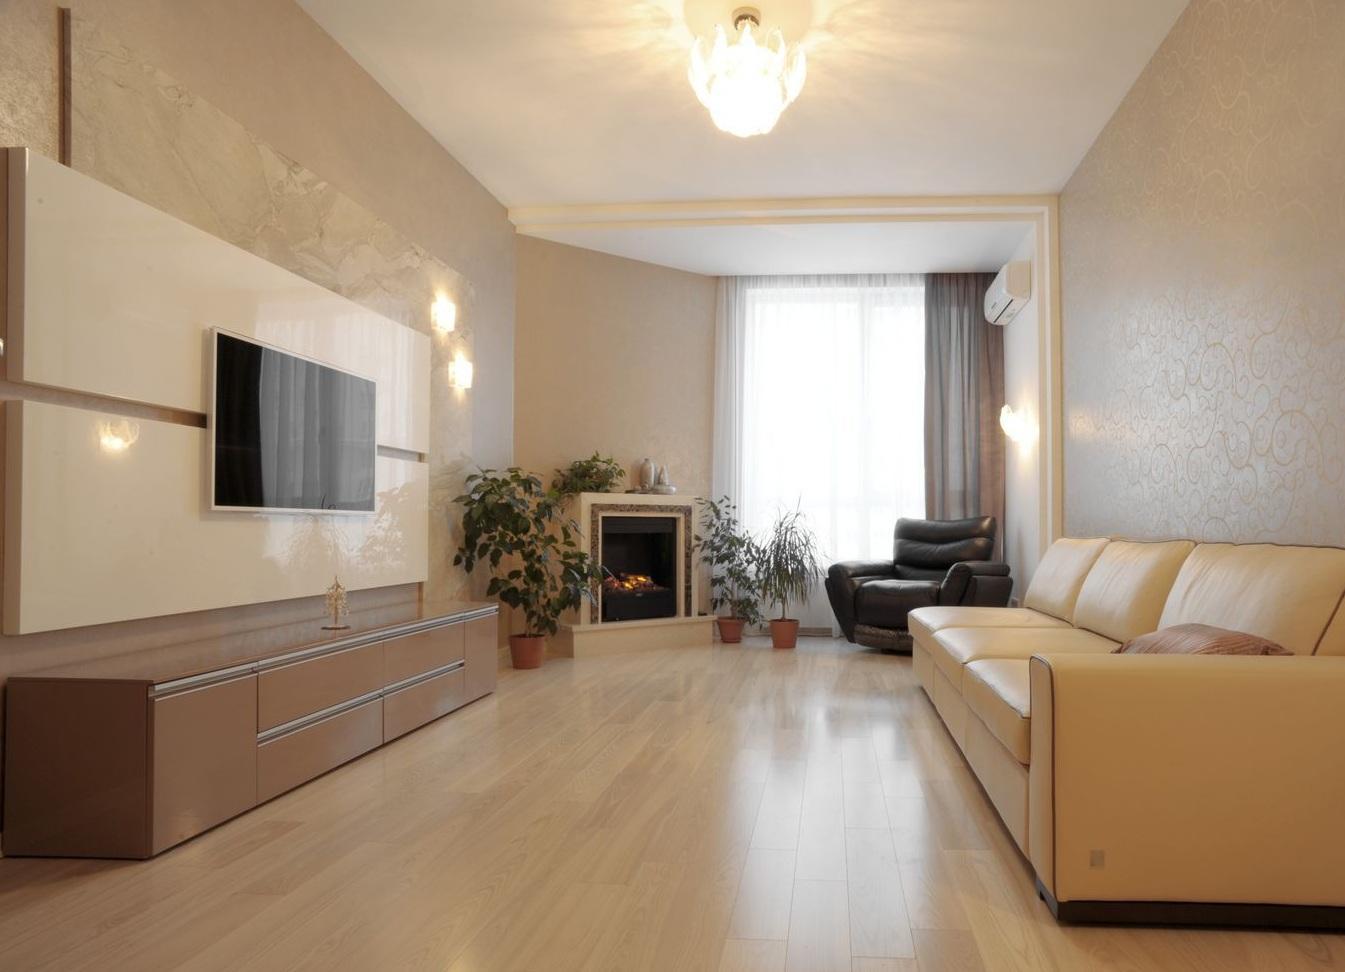 2-к квартира | Краснодар, Сферопольская, р-н КМР, 32 фото - 1